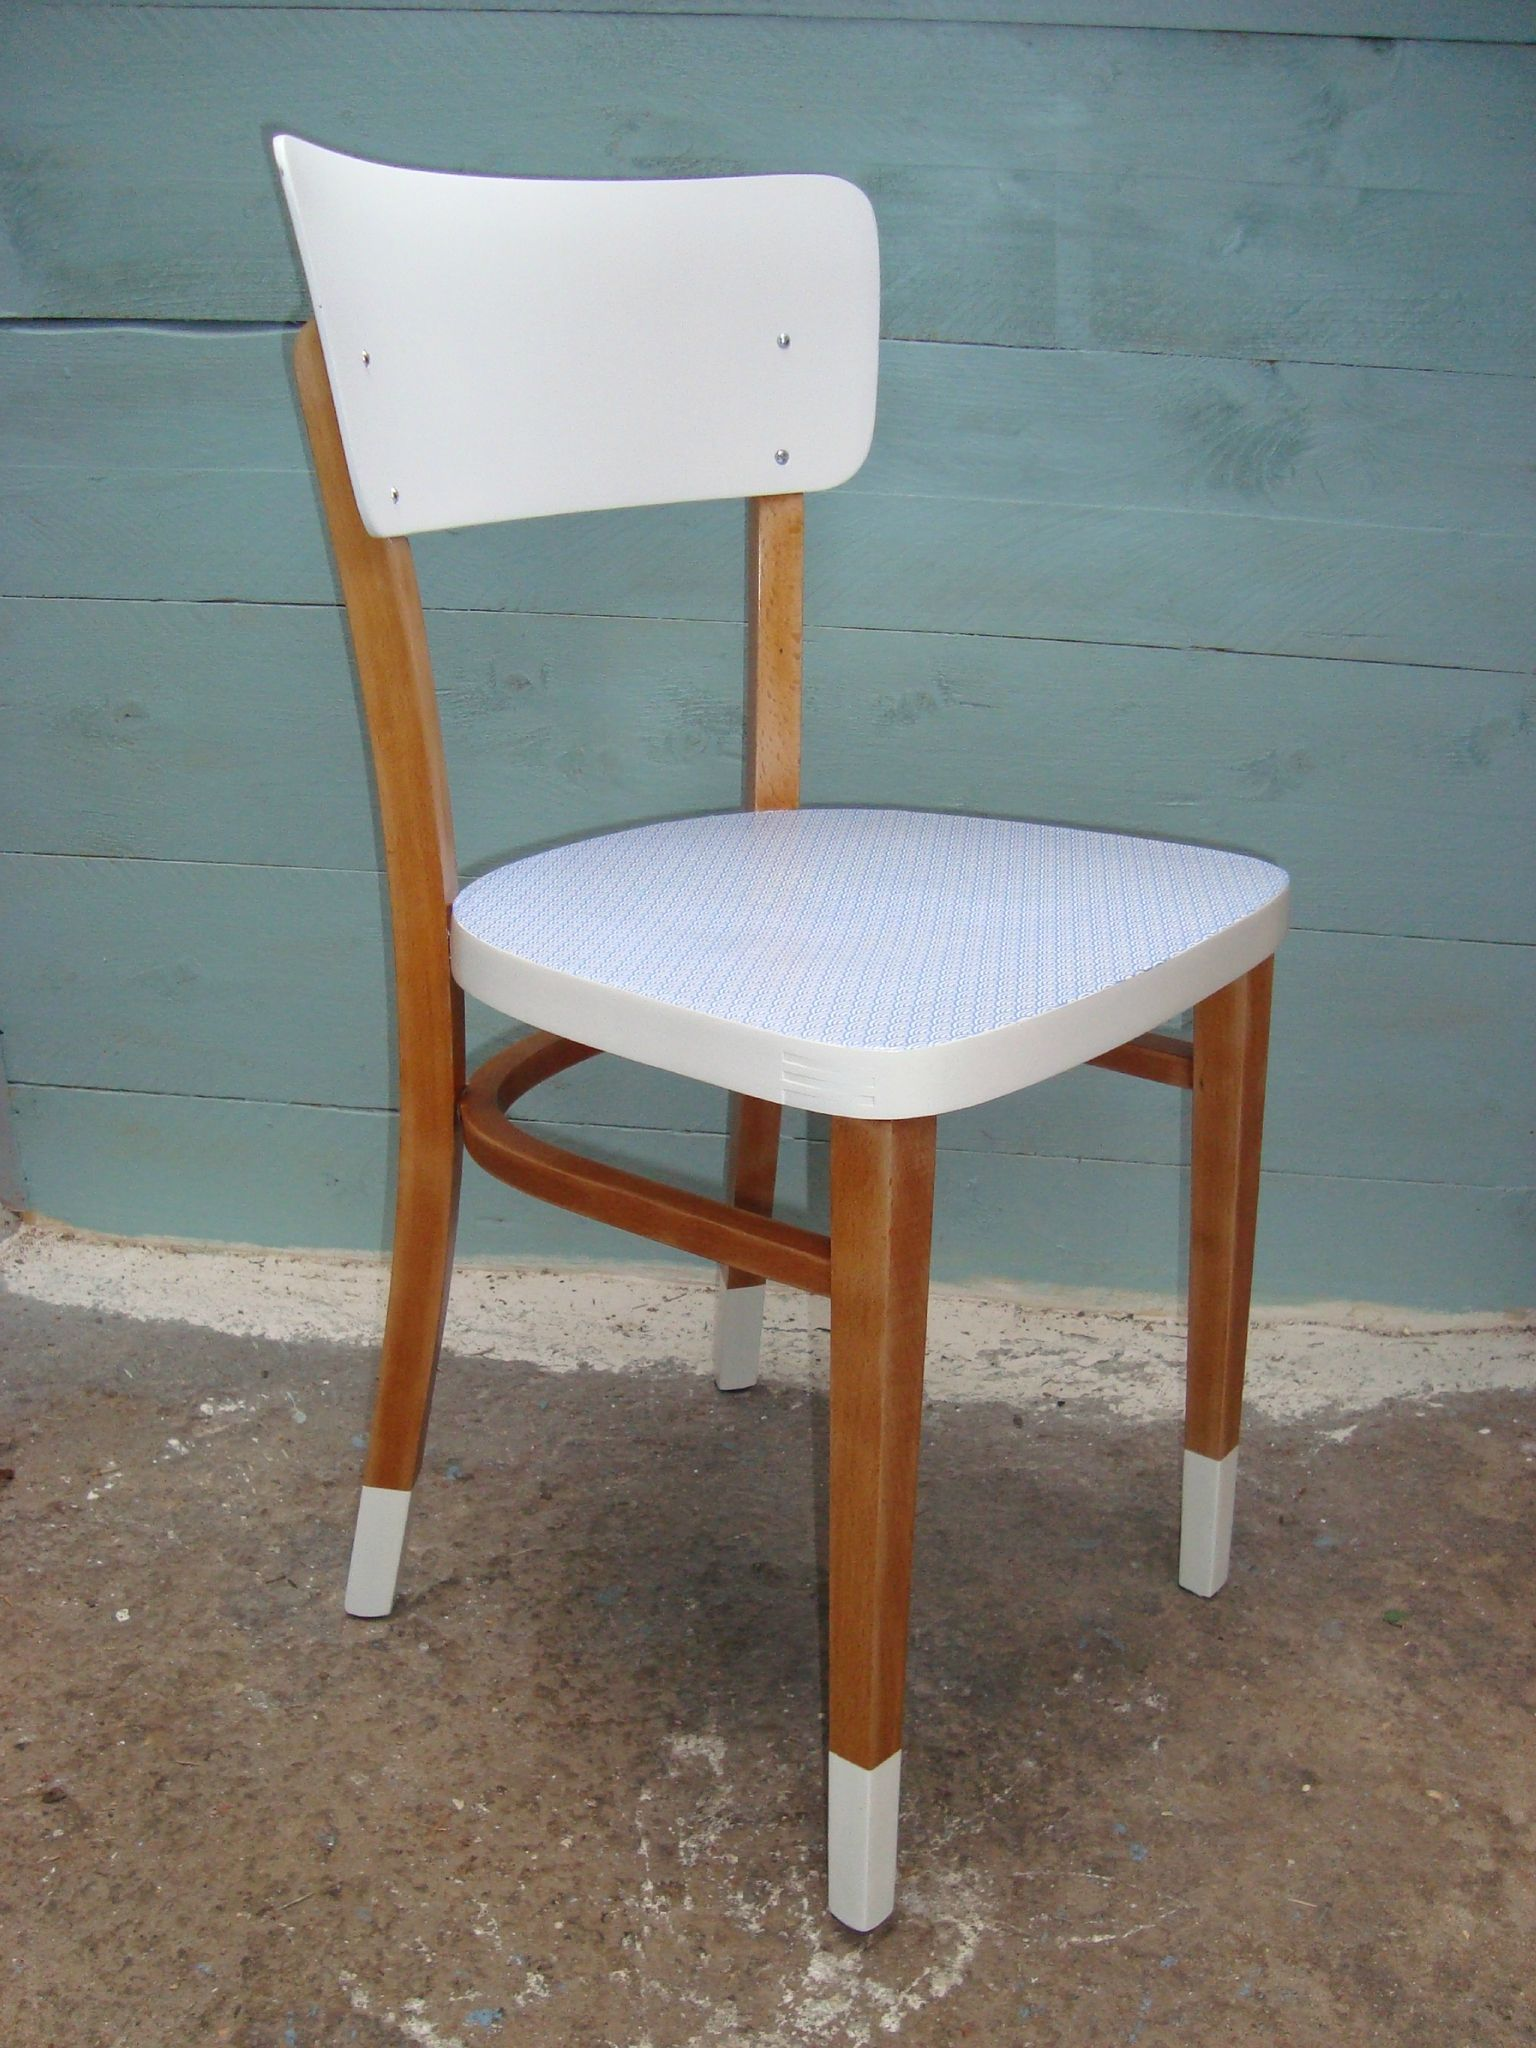 Comment Restaurer Une Chaise En Bois chaise en bois avec des touches de blanc ! | chaises